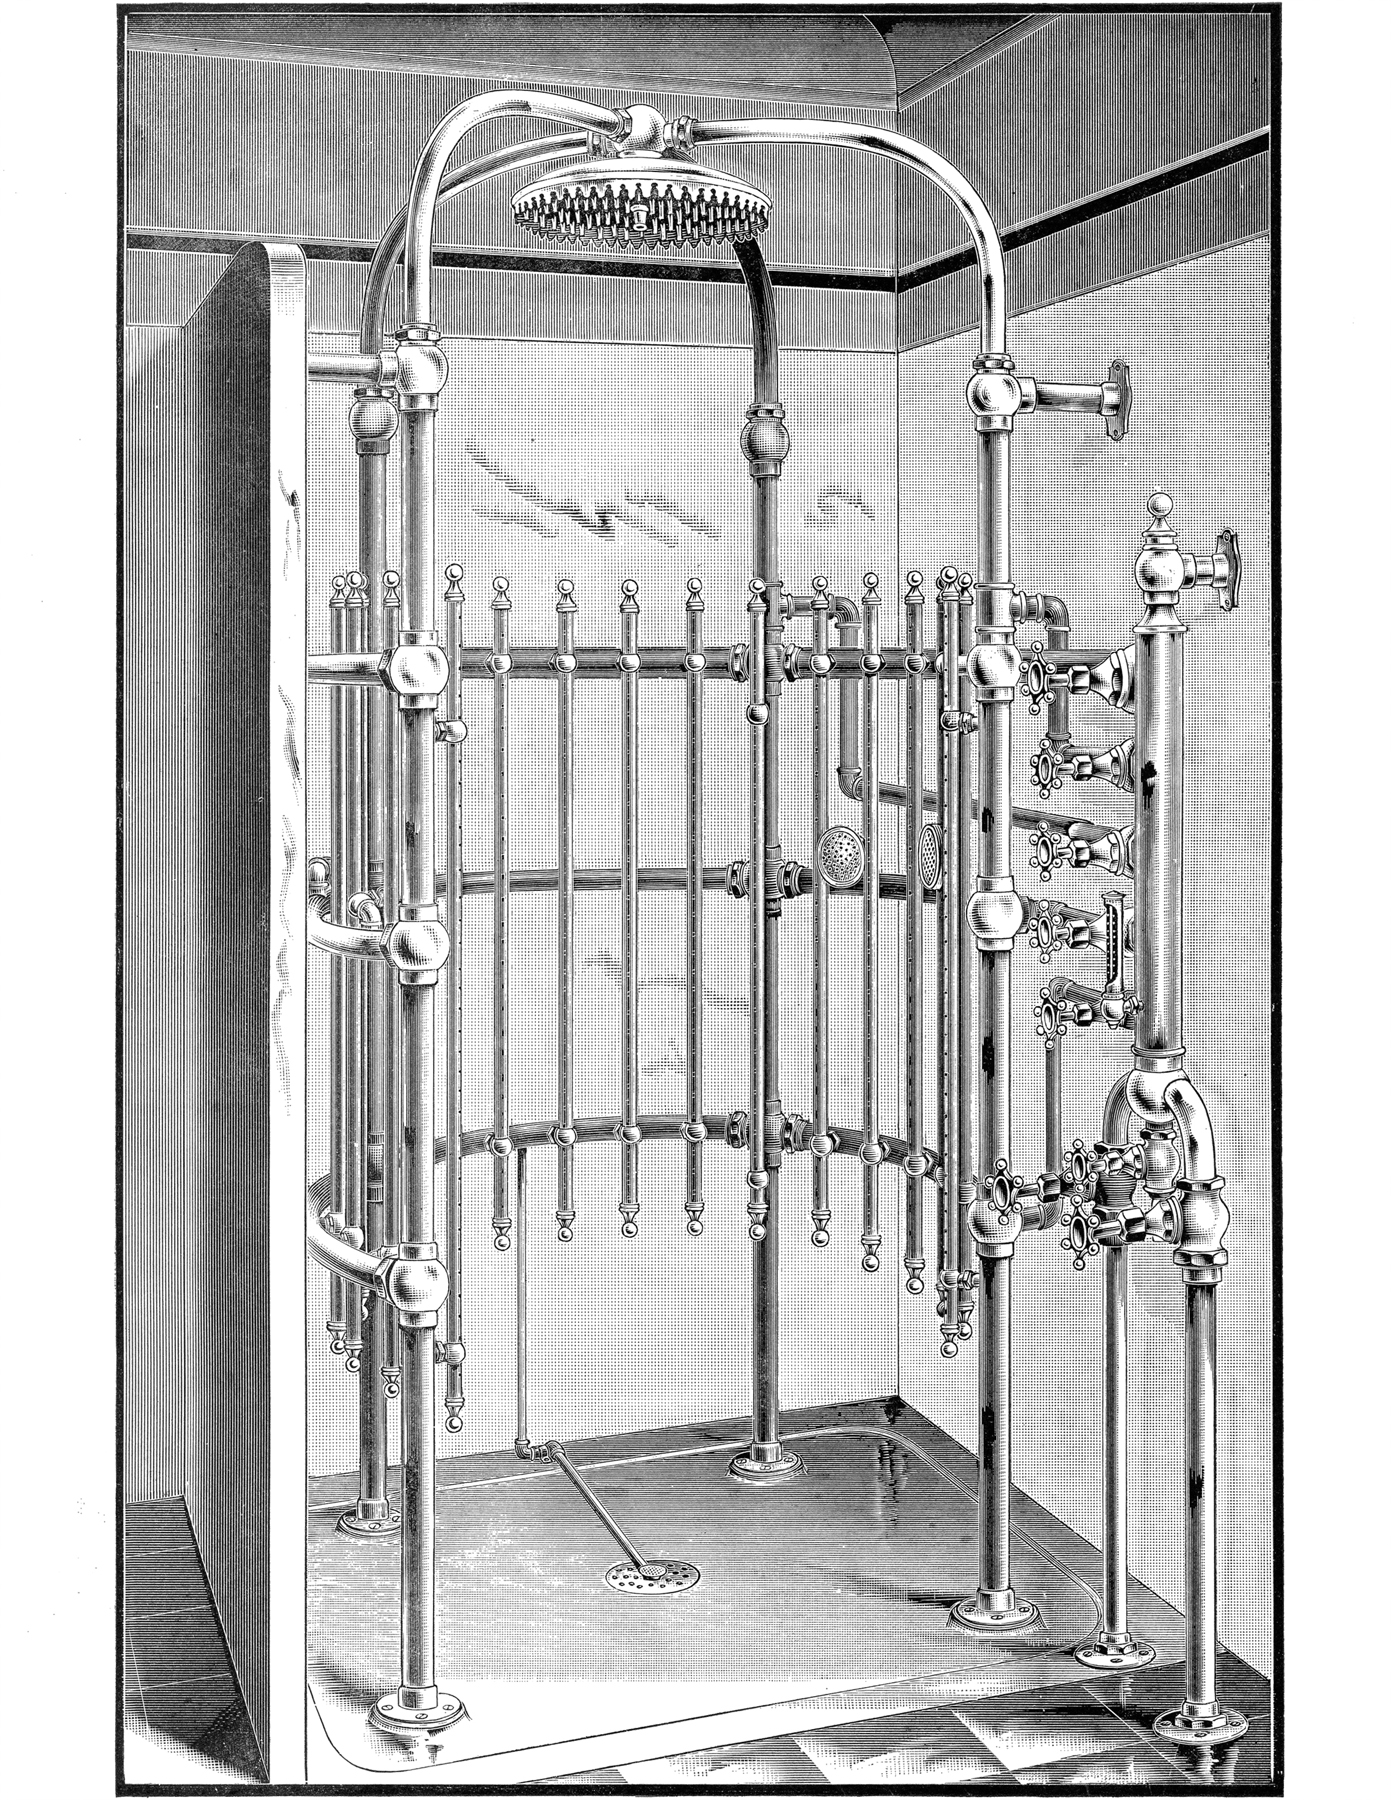 Душевая система конца 19 века - черно-белый рисунок